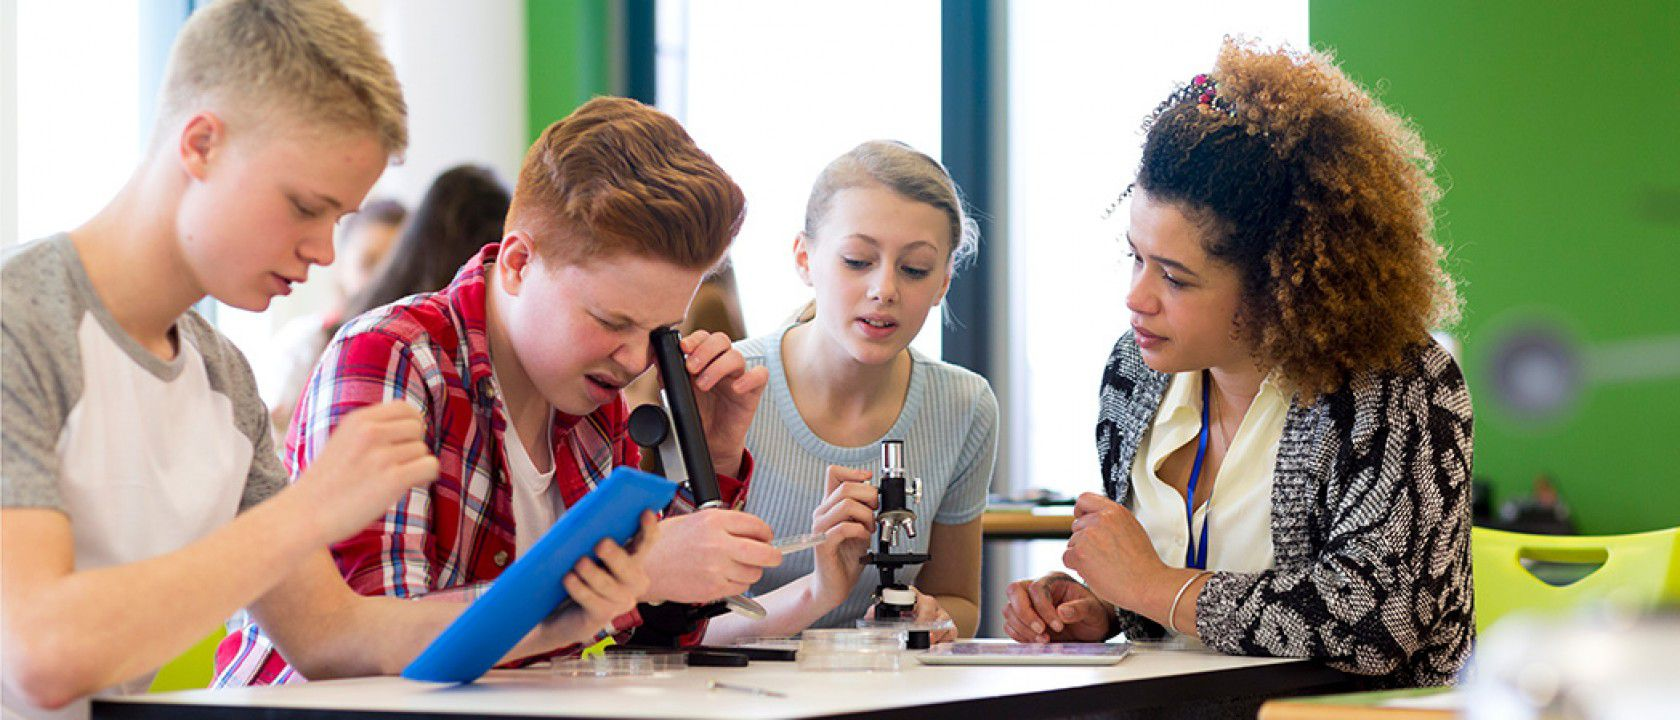 Kanada'dan alınan ortaokul diplomasının faydaları nelerdir?